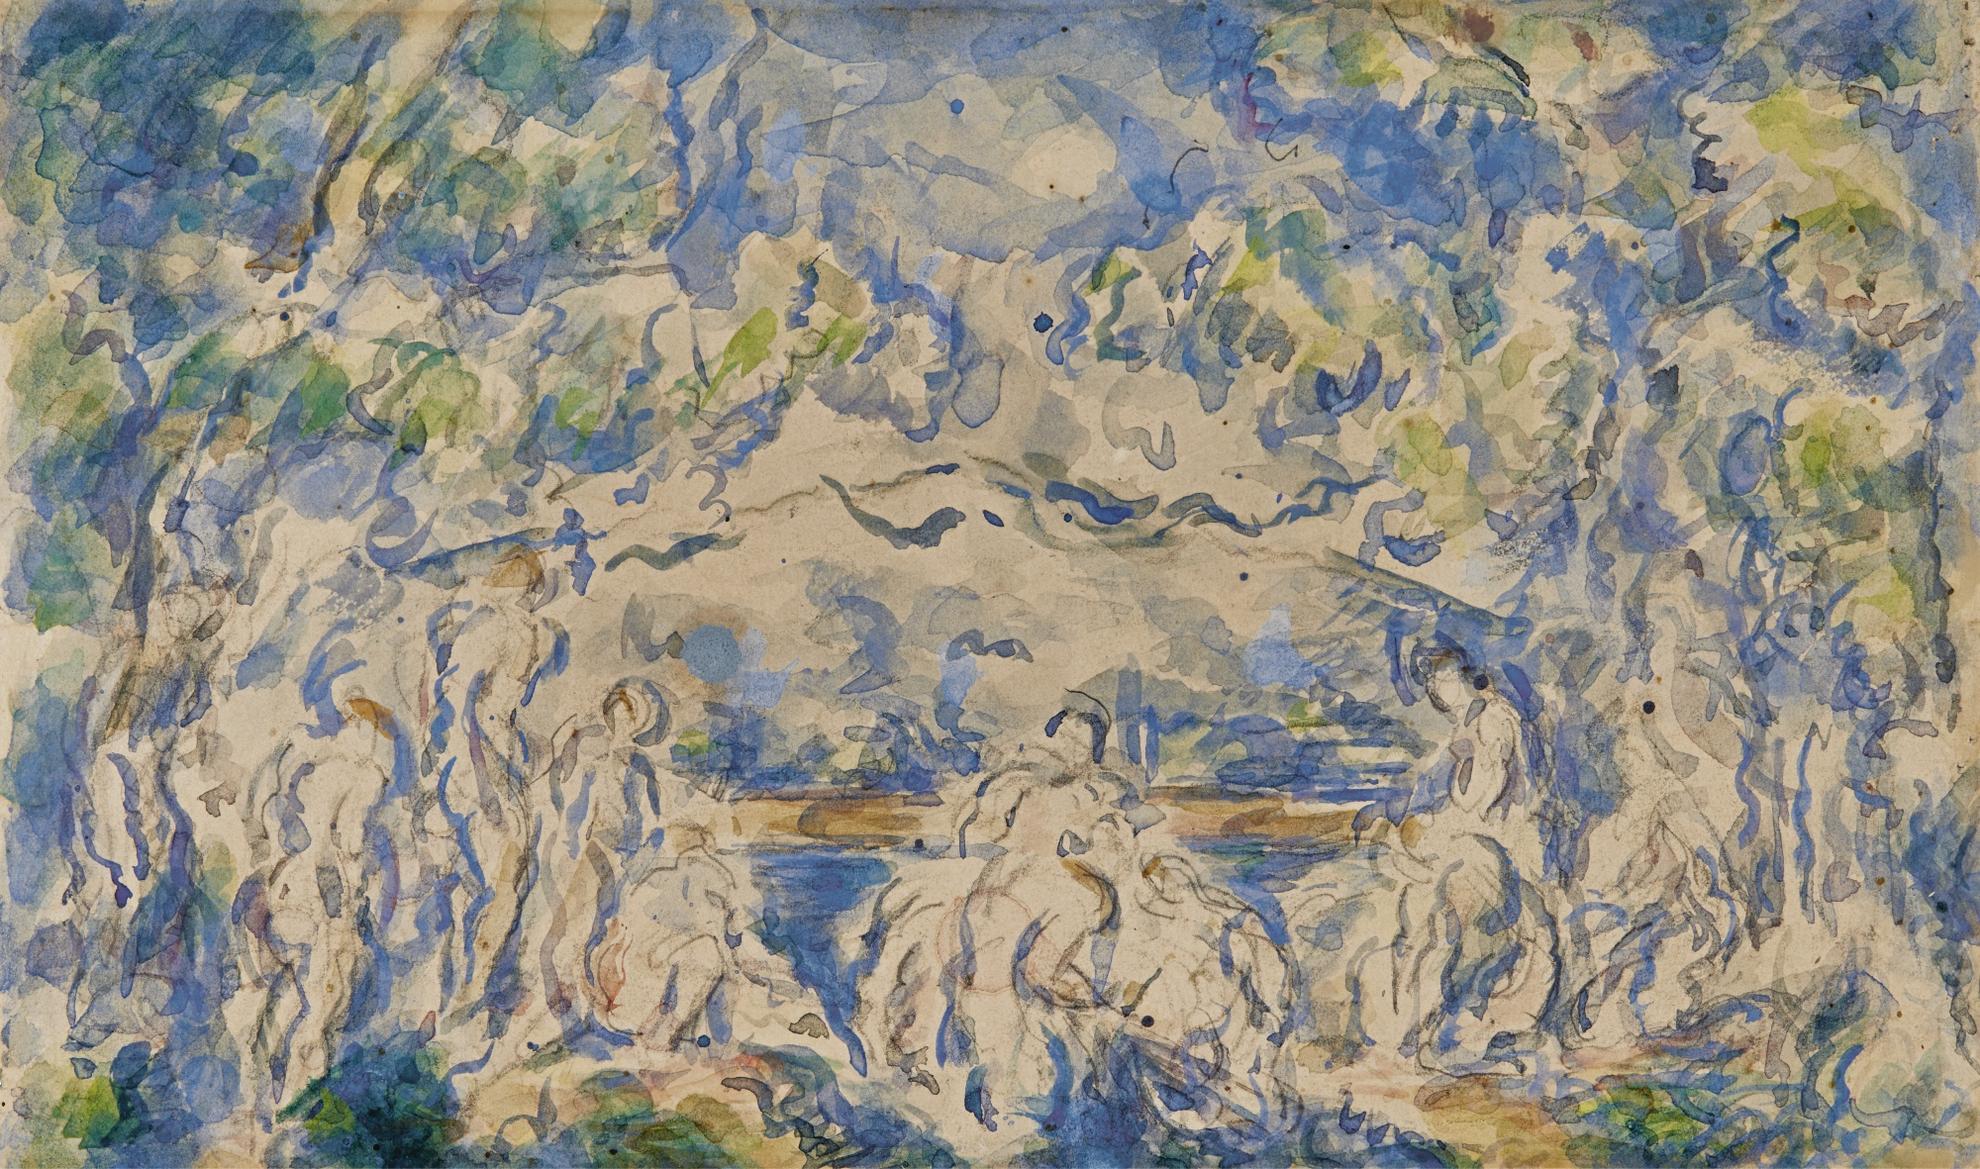 Paul Cezanne-Baigneuses, La Montagne Sainte-Victoire Au Fond-1906